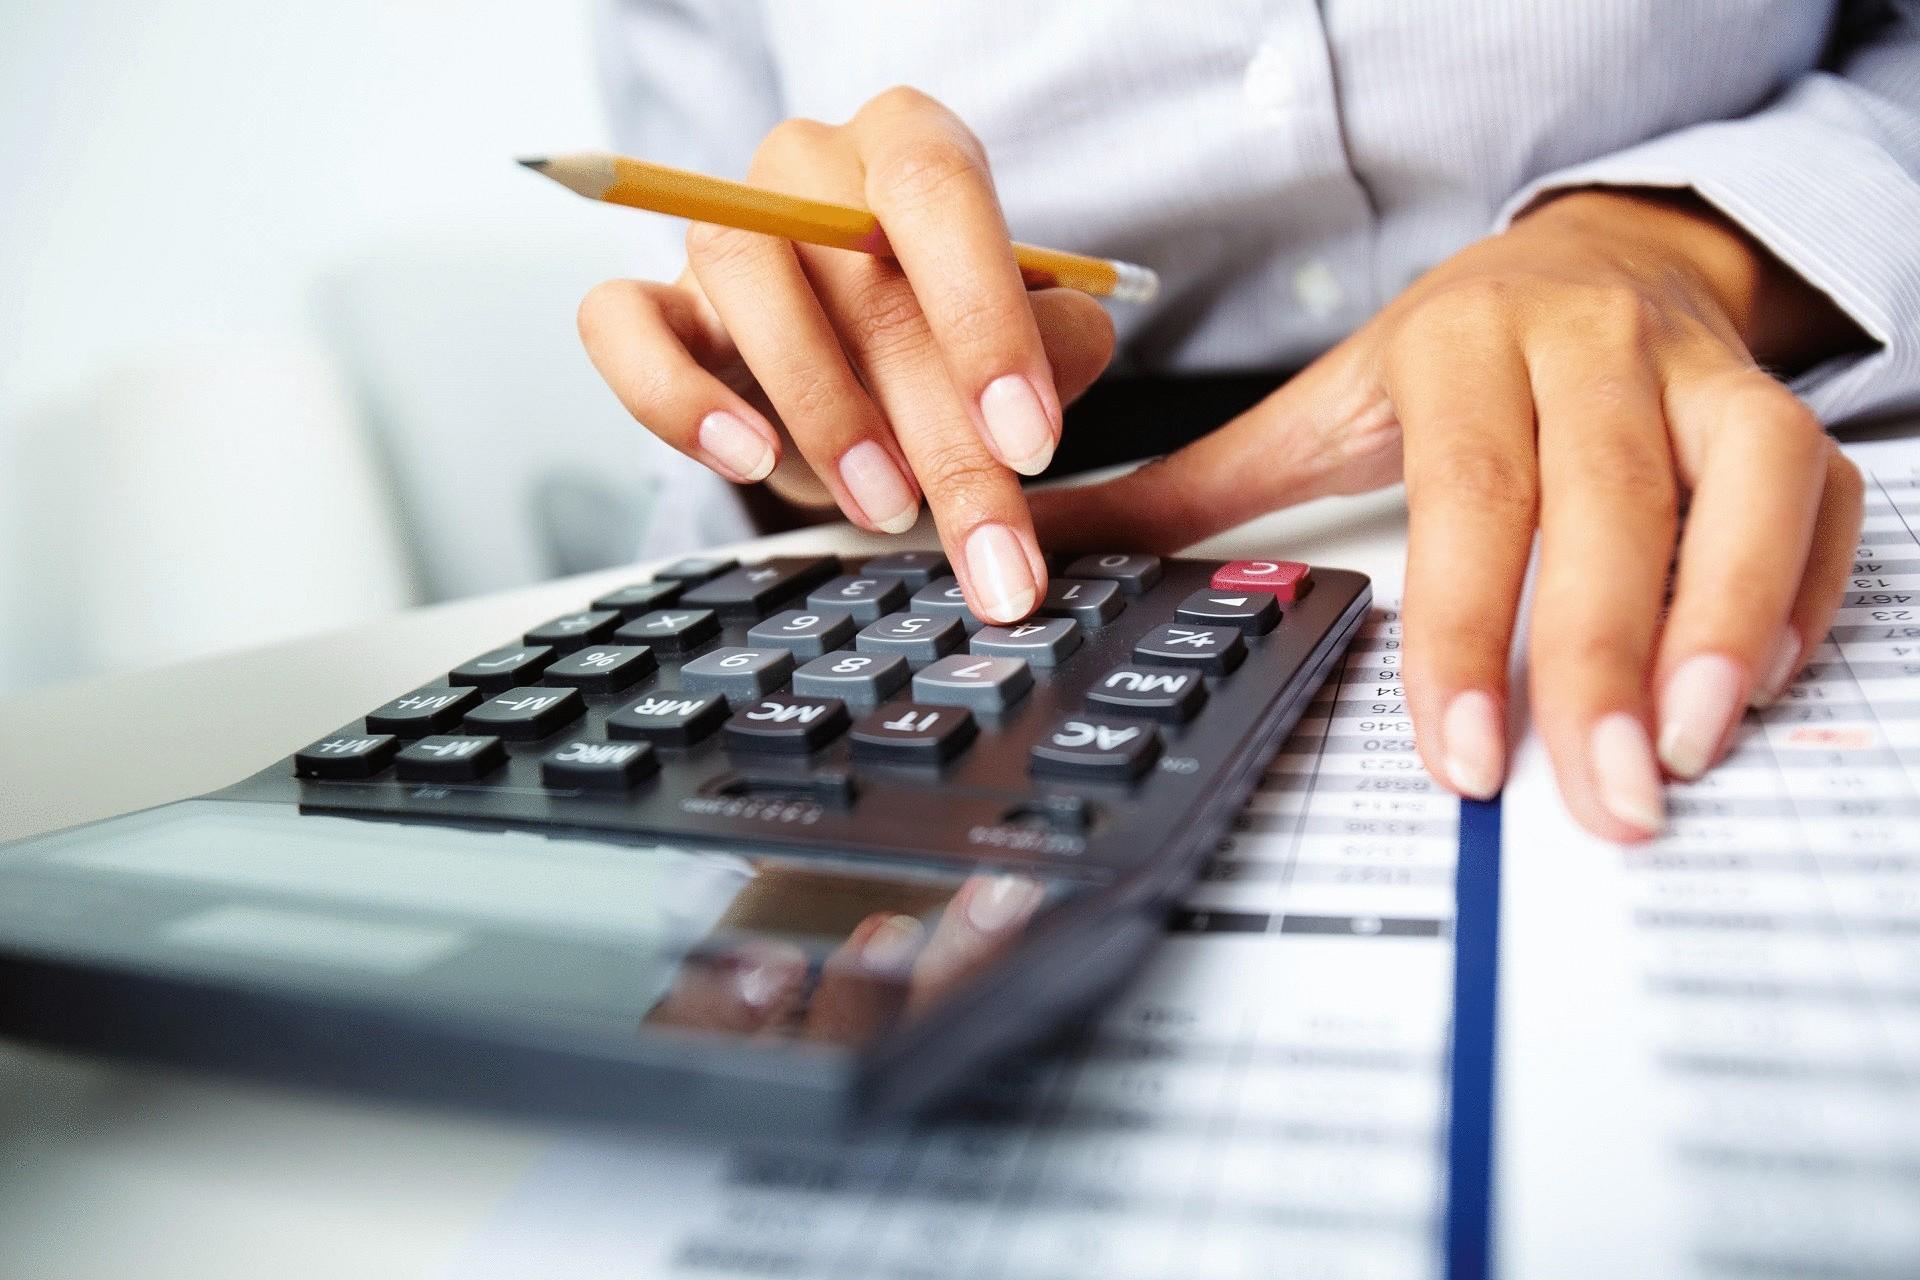 Топ-10 приложений на Android, которые помогут контролировать бюджет - считаем на калькуляторе